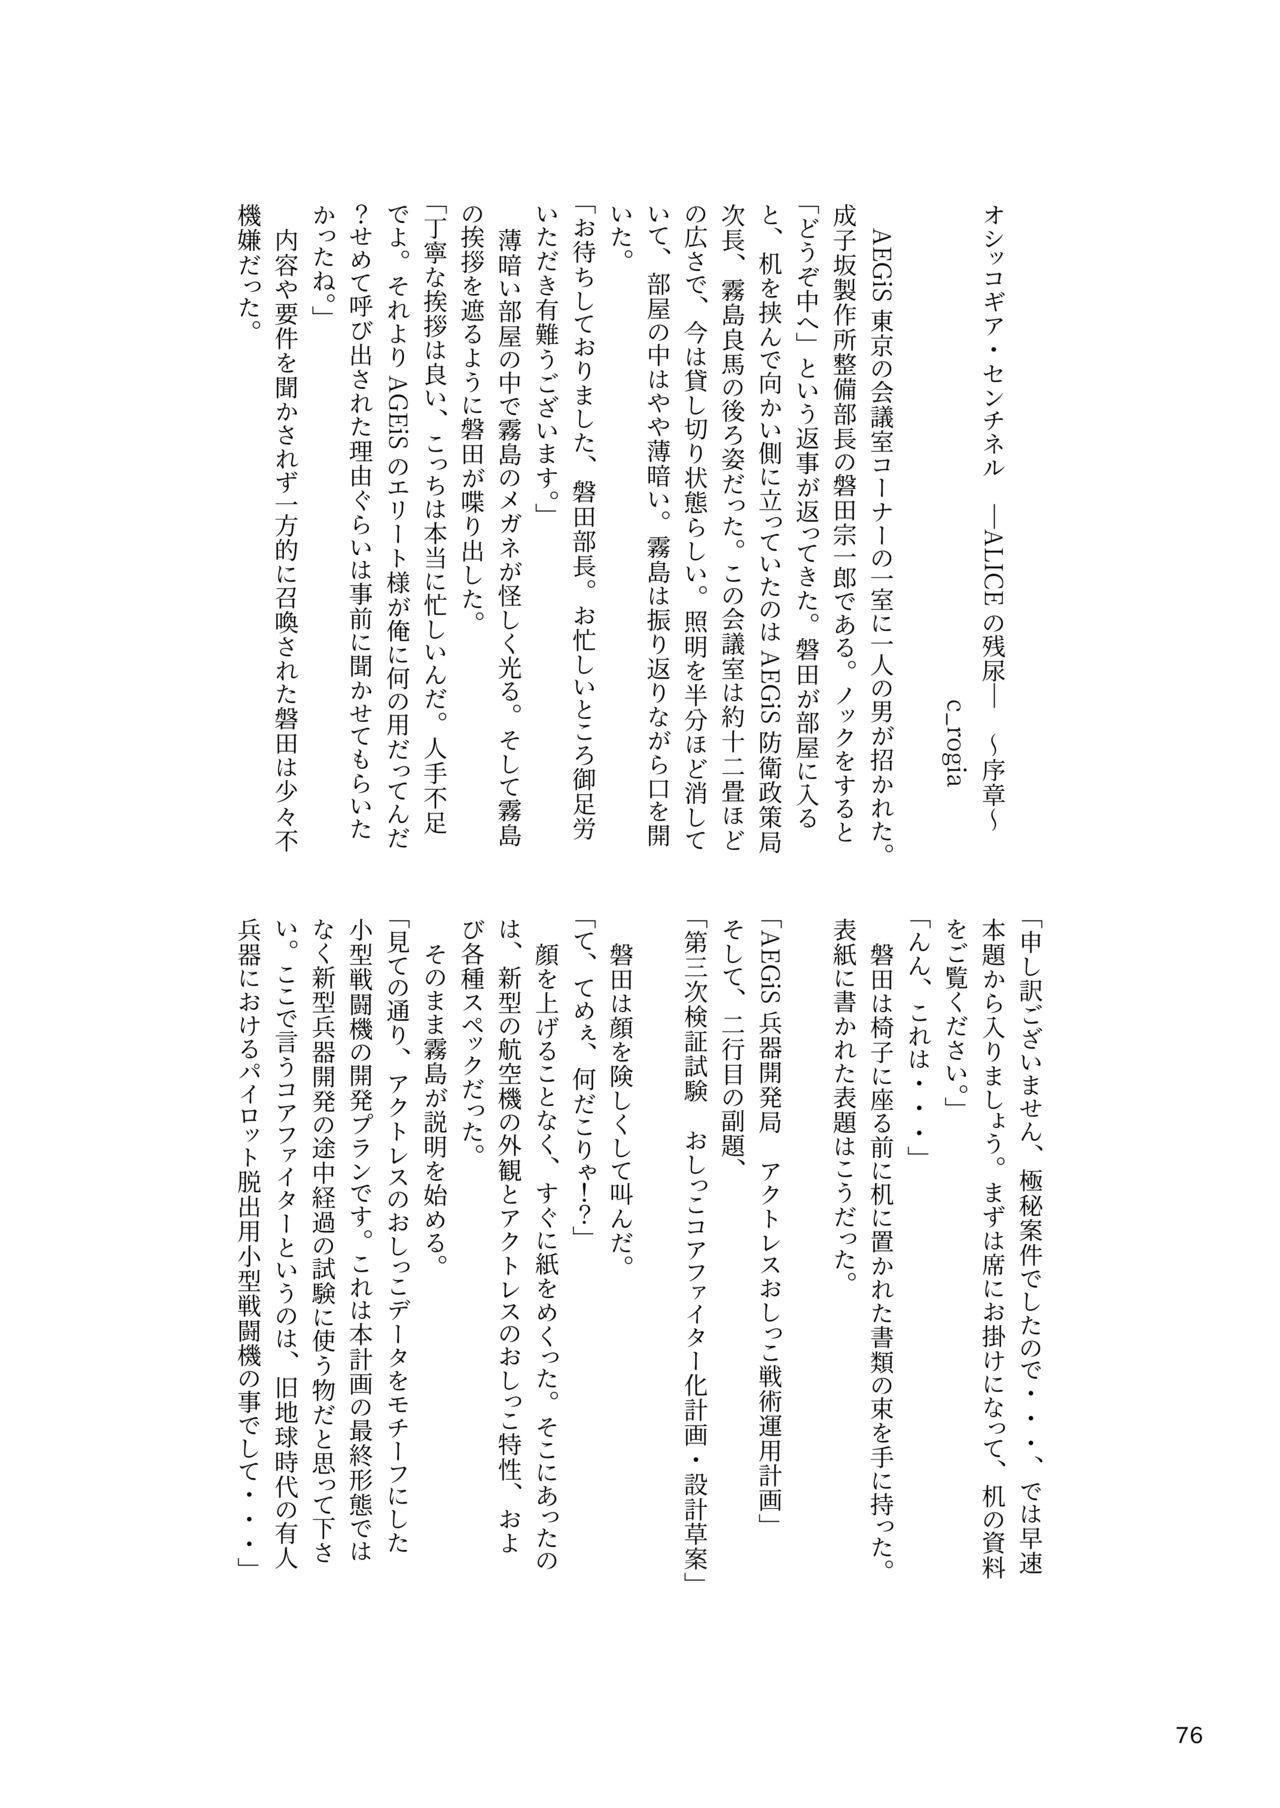 ア○スギア総合スカトロアンソロジー アクトレス排泄実態調査任務~スカポためるっすか!?~ 75